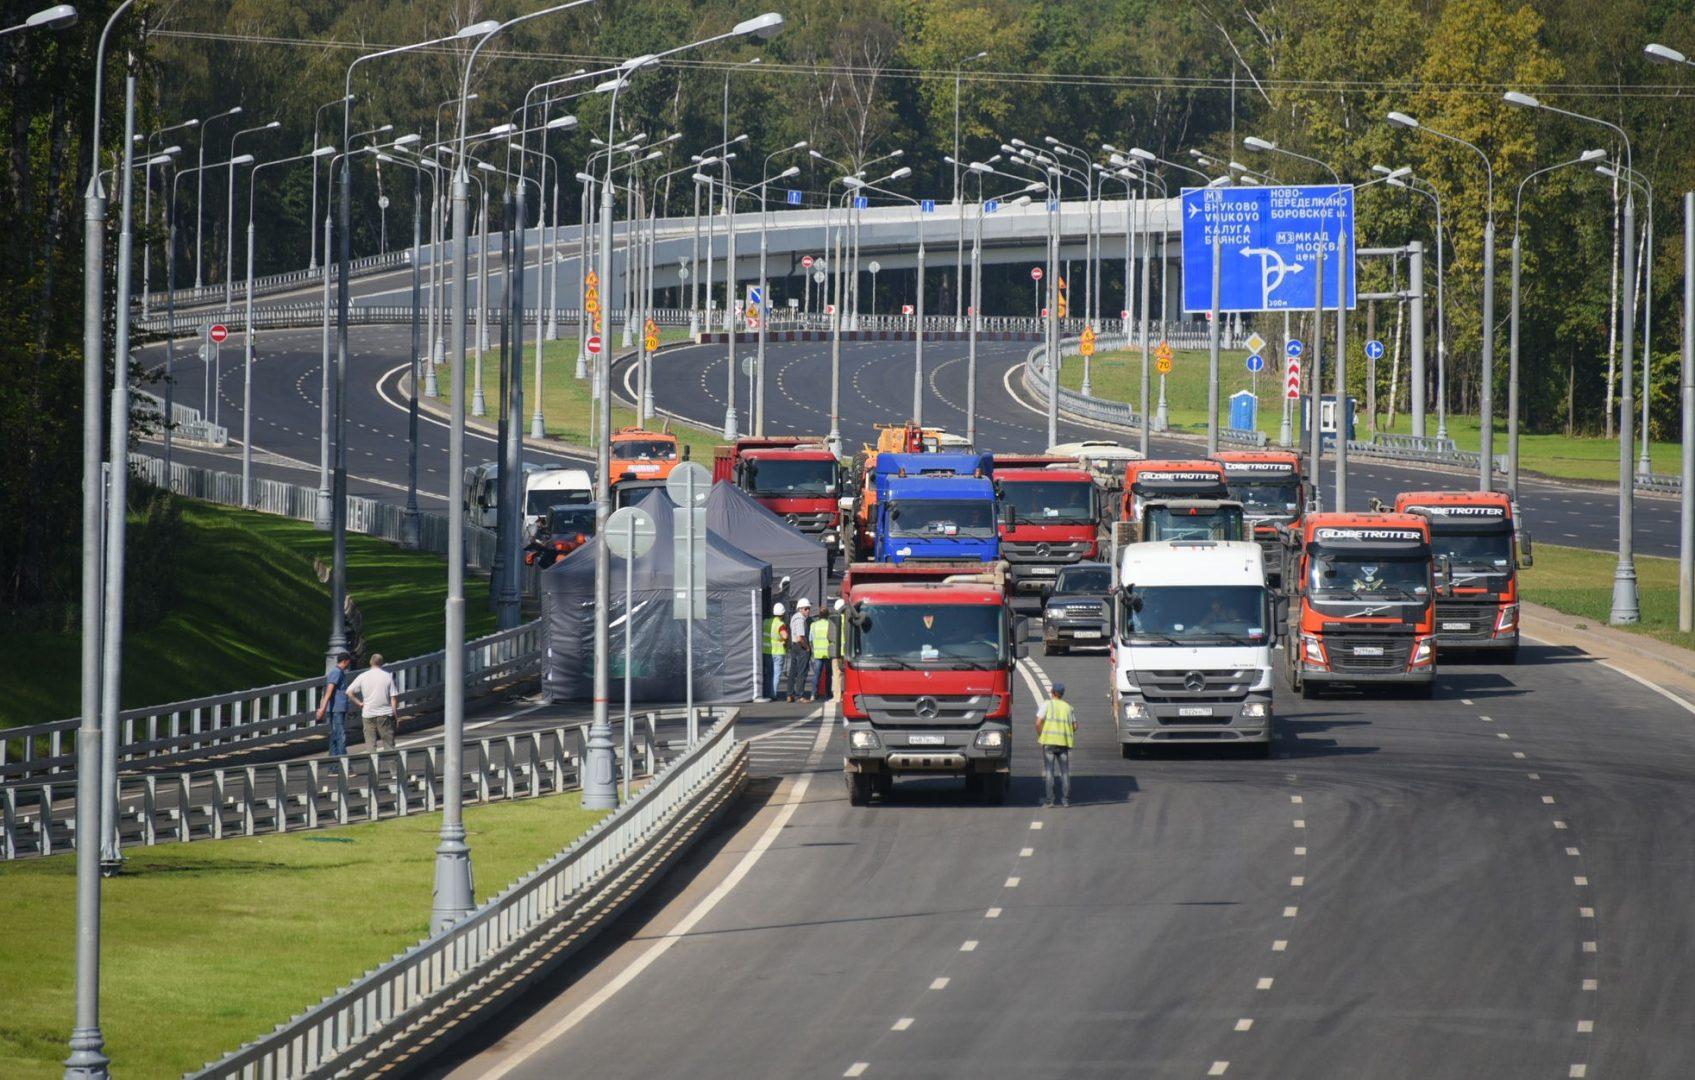 29 августа 2018 года. Запуск движения по участку дороги между Киевским и Калужским шоссе. Фото: Владимир Новиков